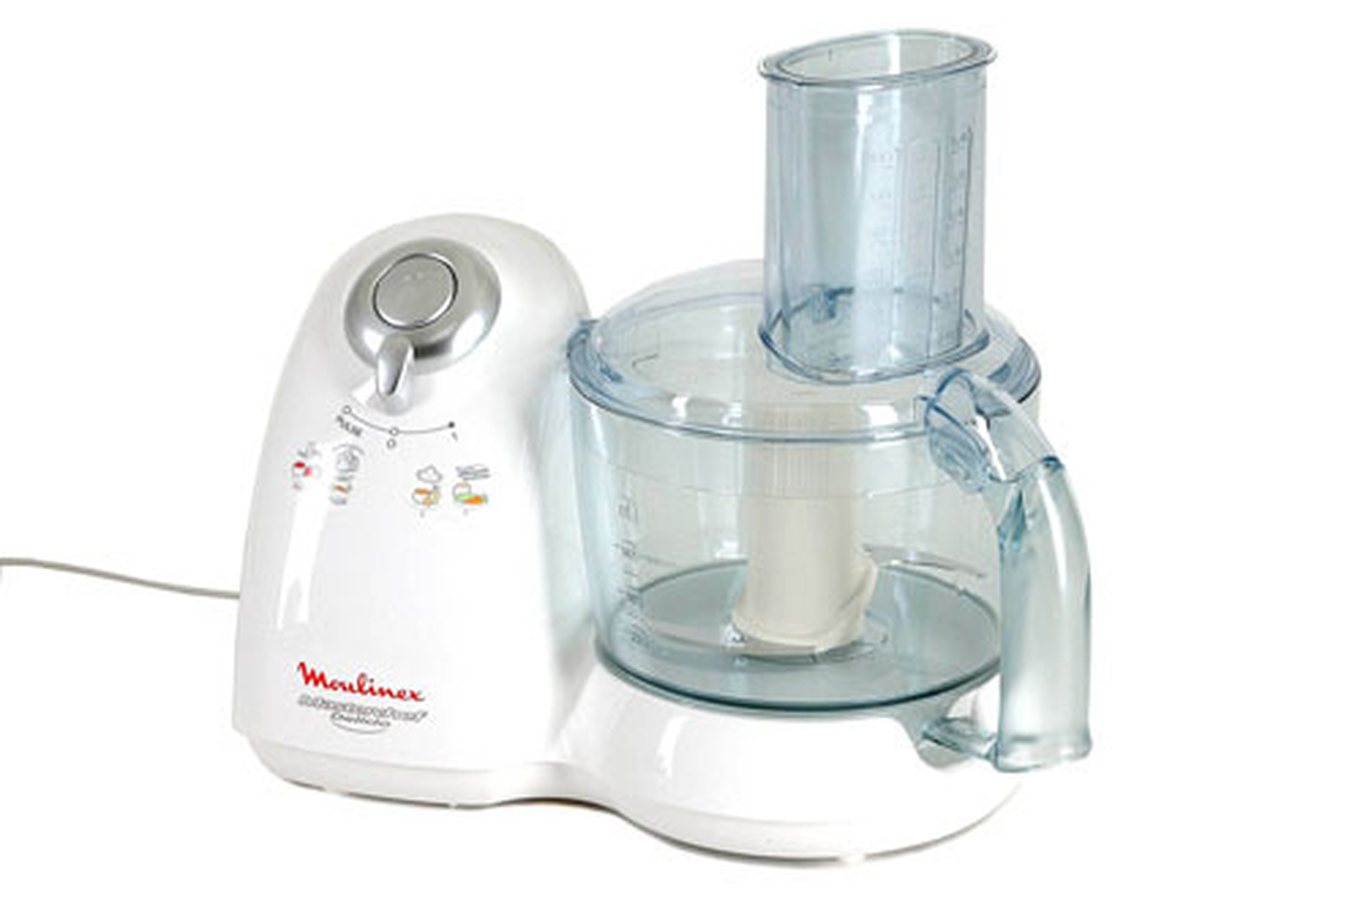 Robot multifonction moulinex masterchef delicio dfb14c - Robot de cuisine moulinex ...